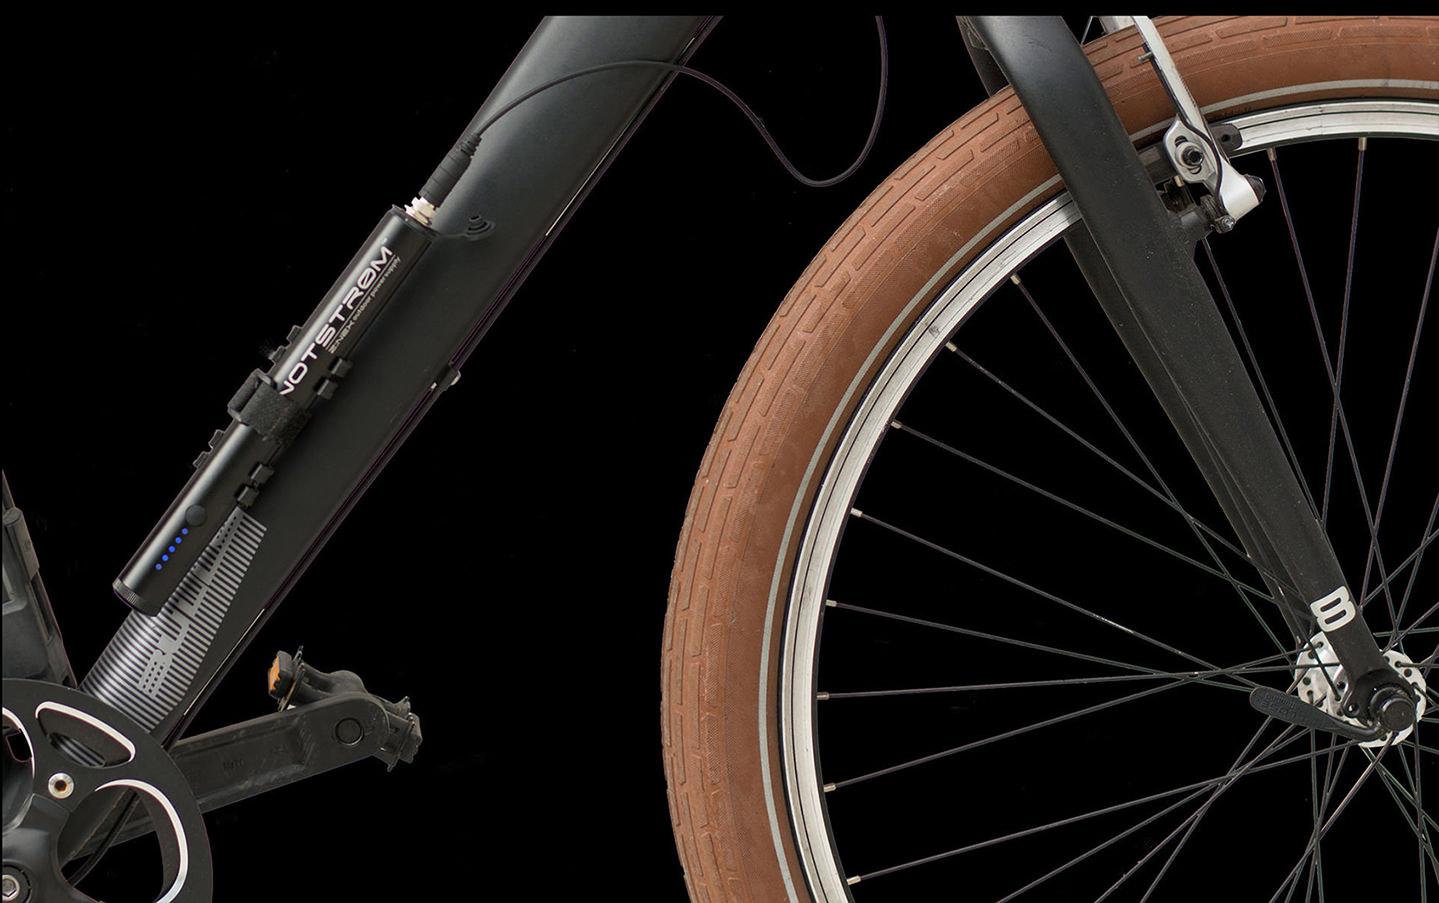 Bike Powerbank Notstrøm XT mit Halterung am Unterrohr eines Fahrrads montiert